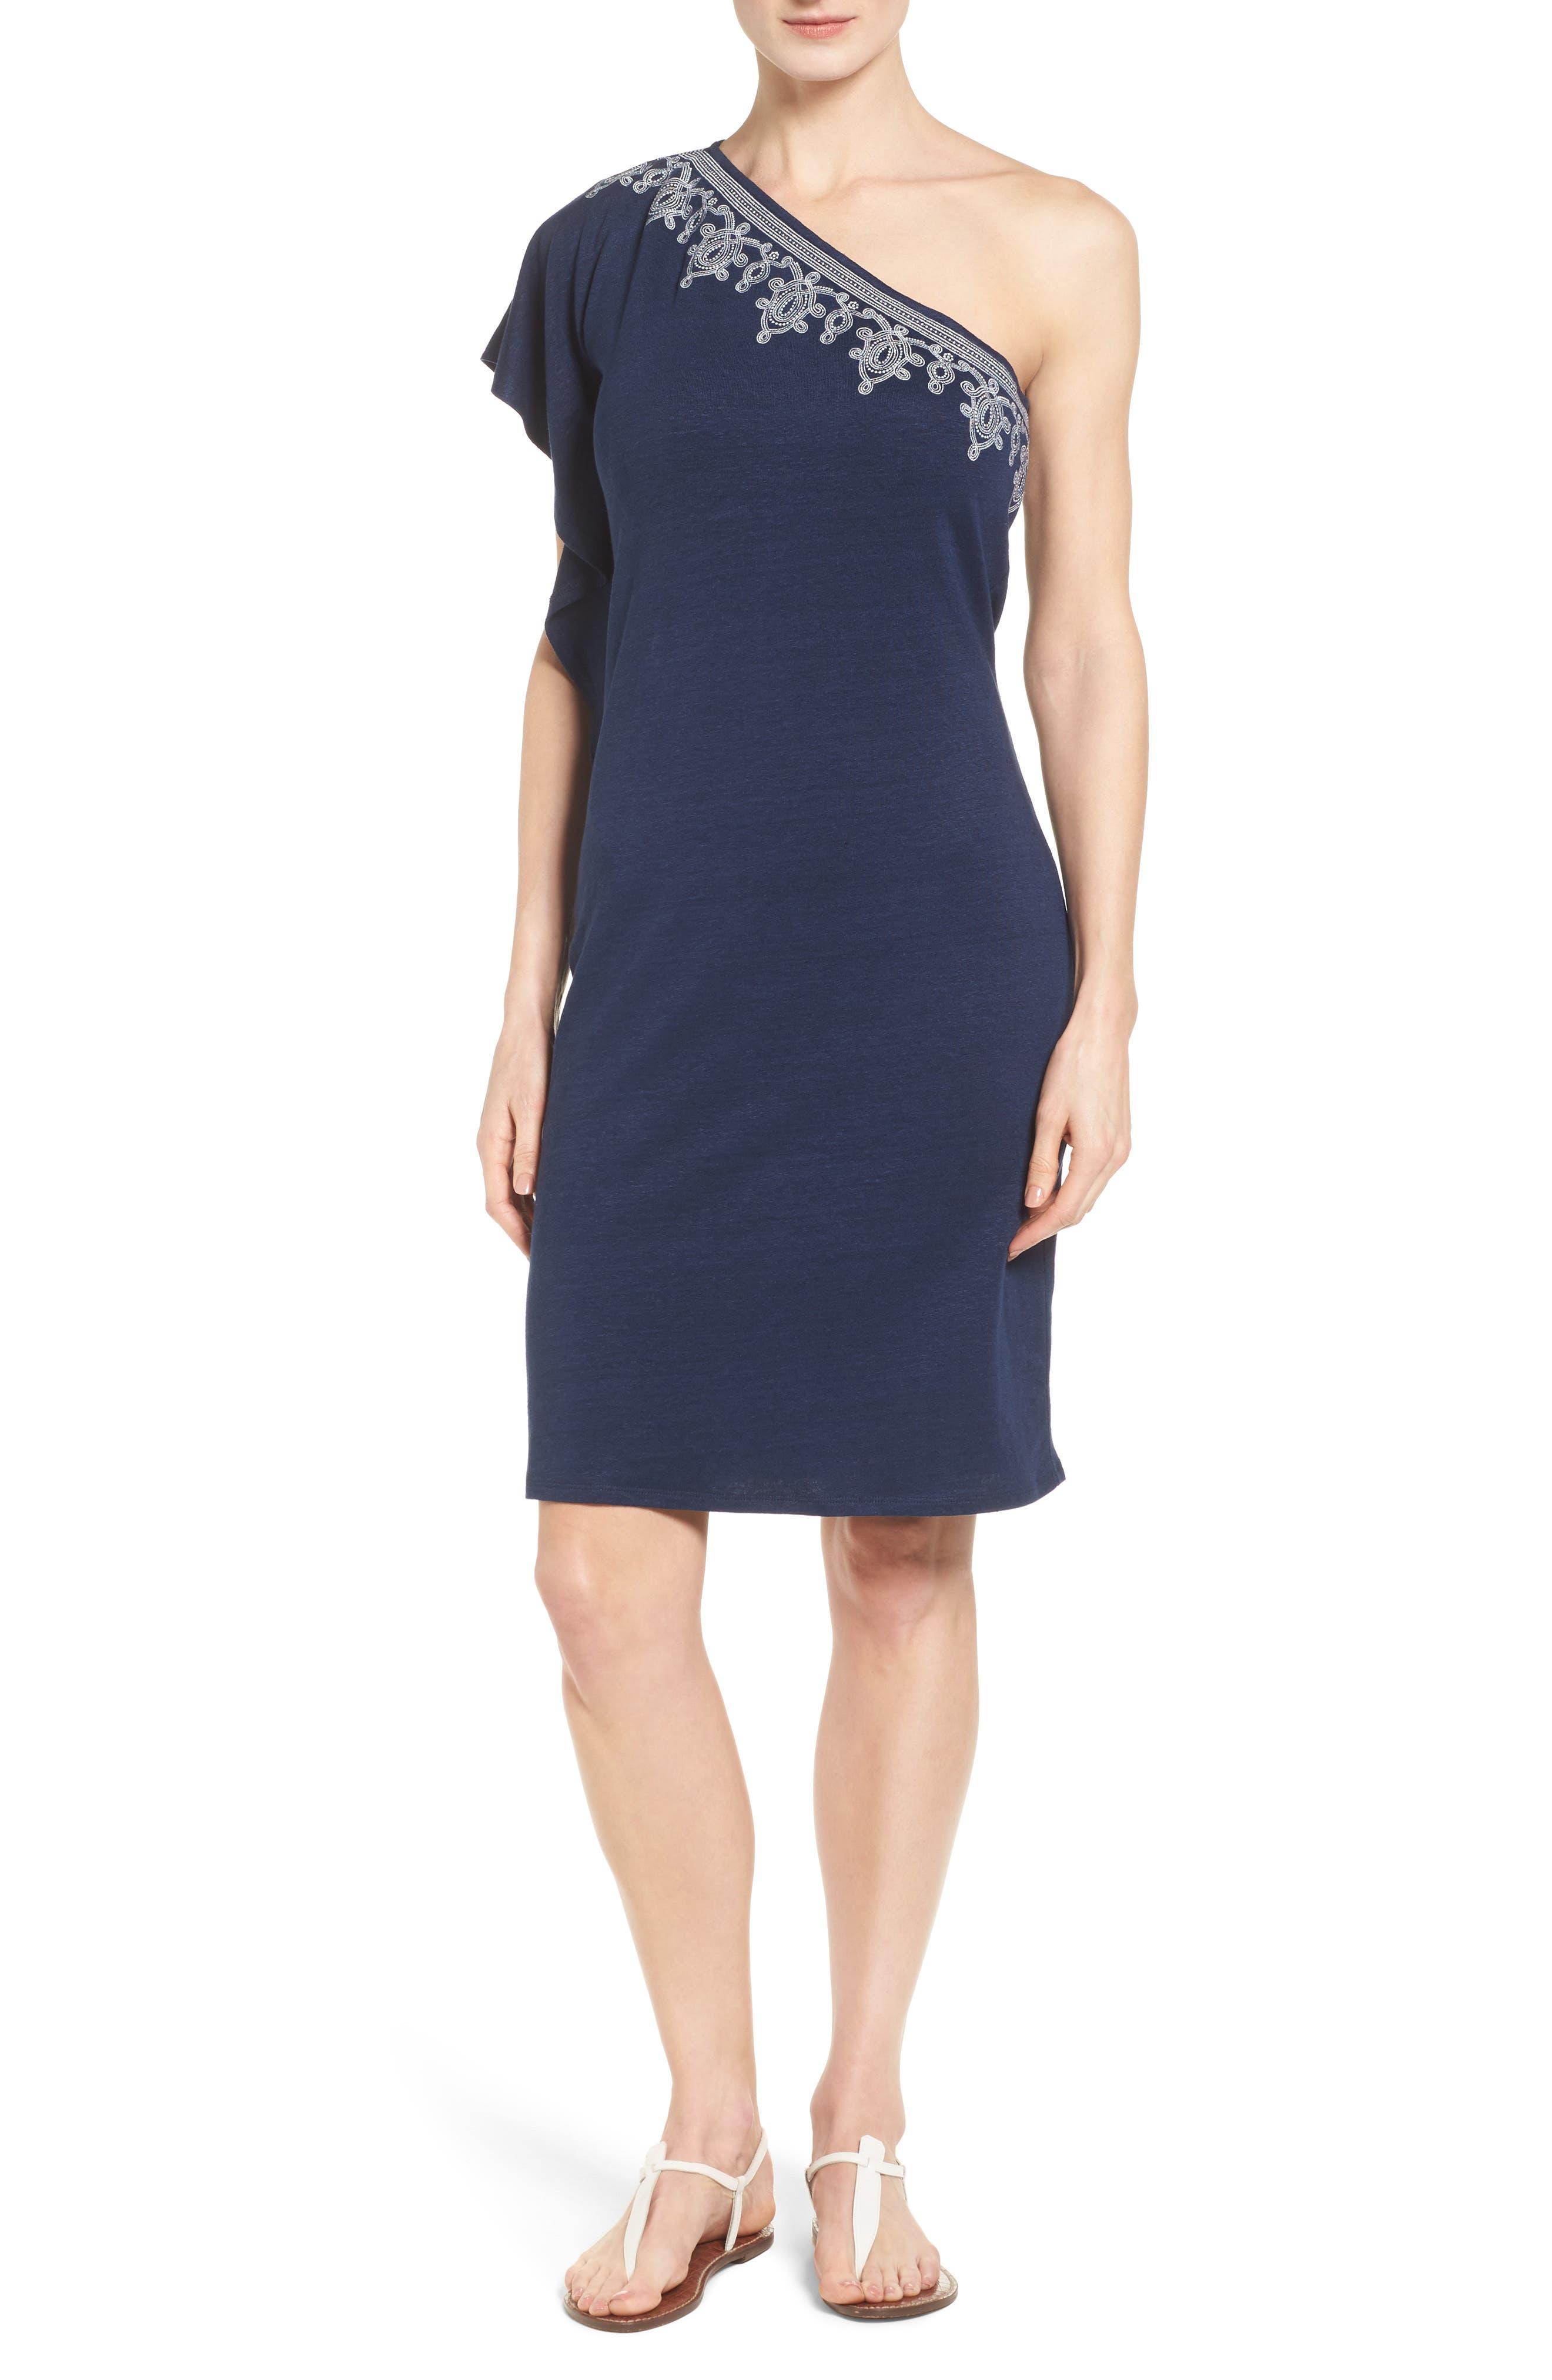 Alternate Image 1 Selected - Tommy Bahama Lovelin One-Shoulder Dress